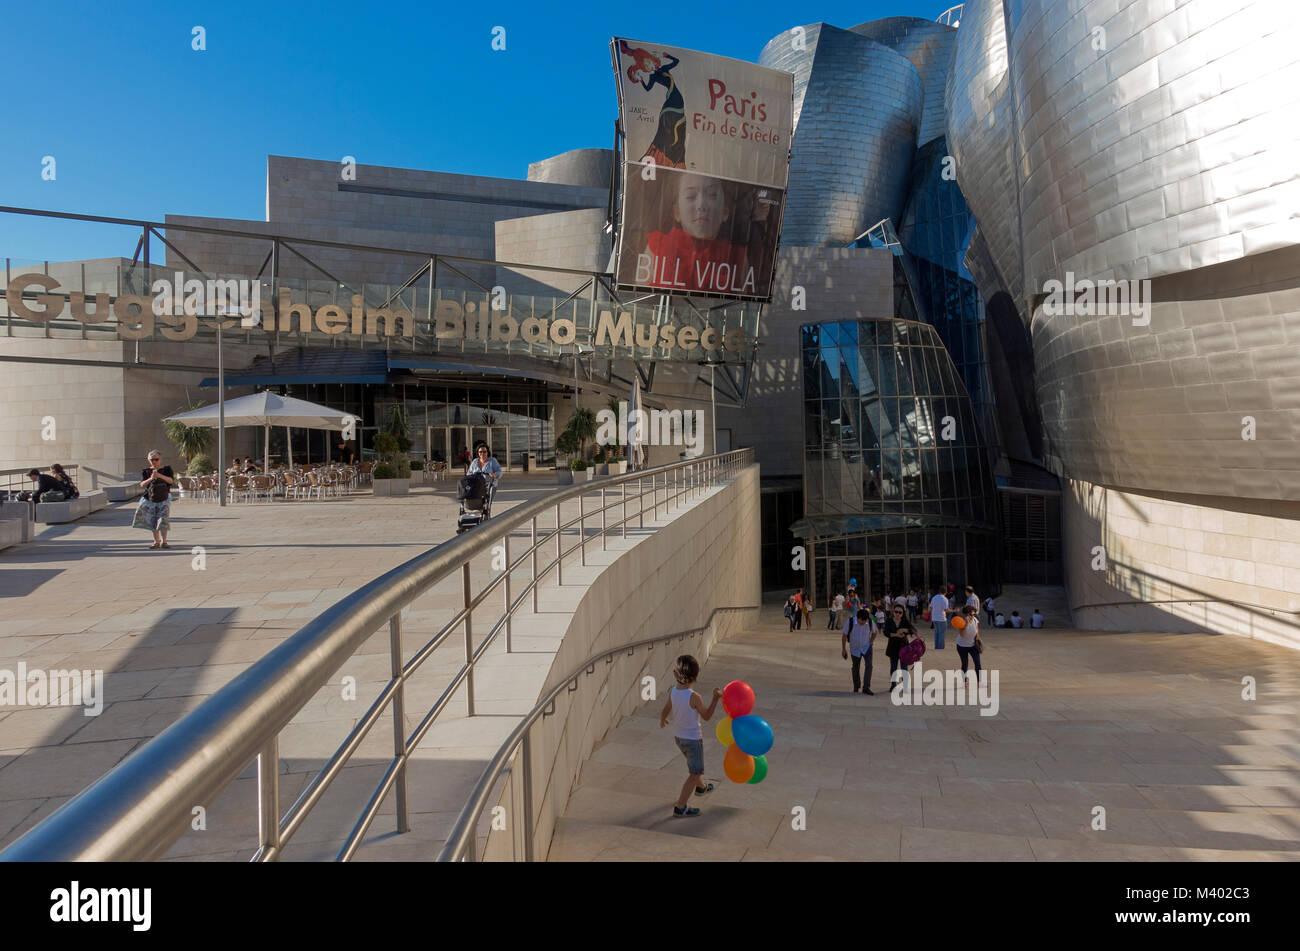 Guggenheim Museum.Bilbao.Spain - Stock Image